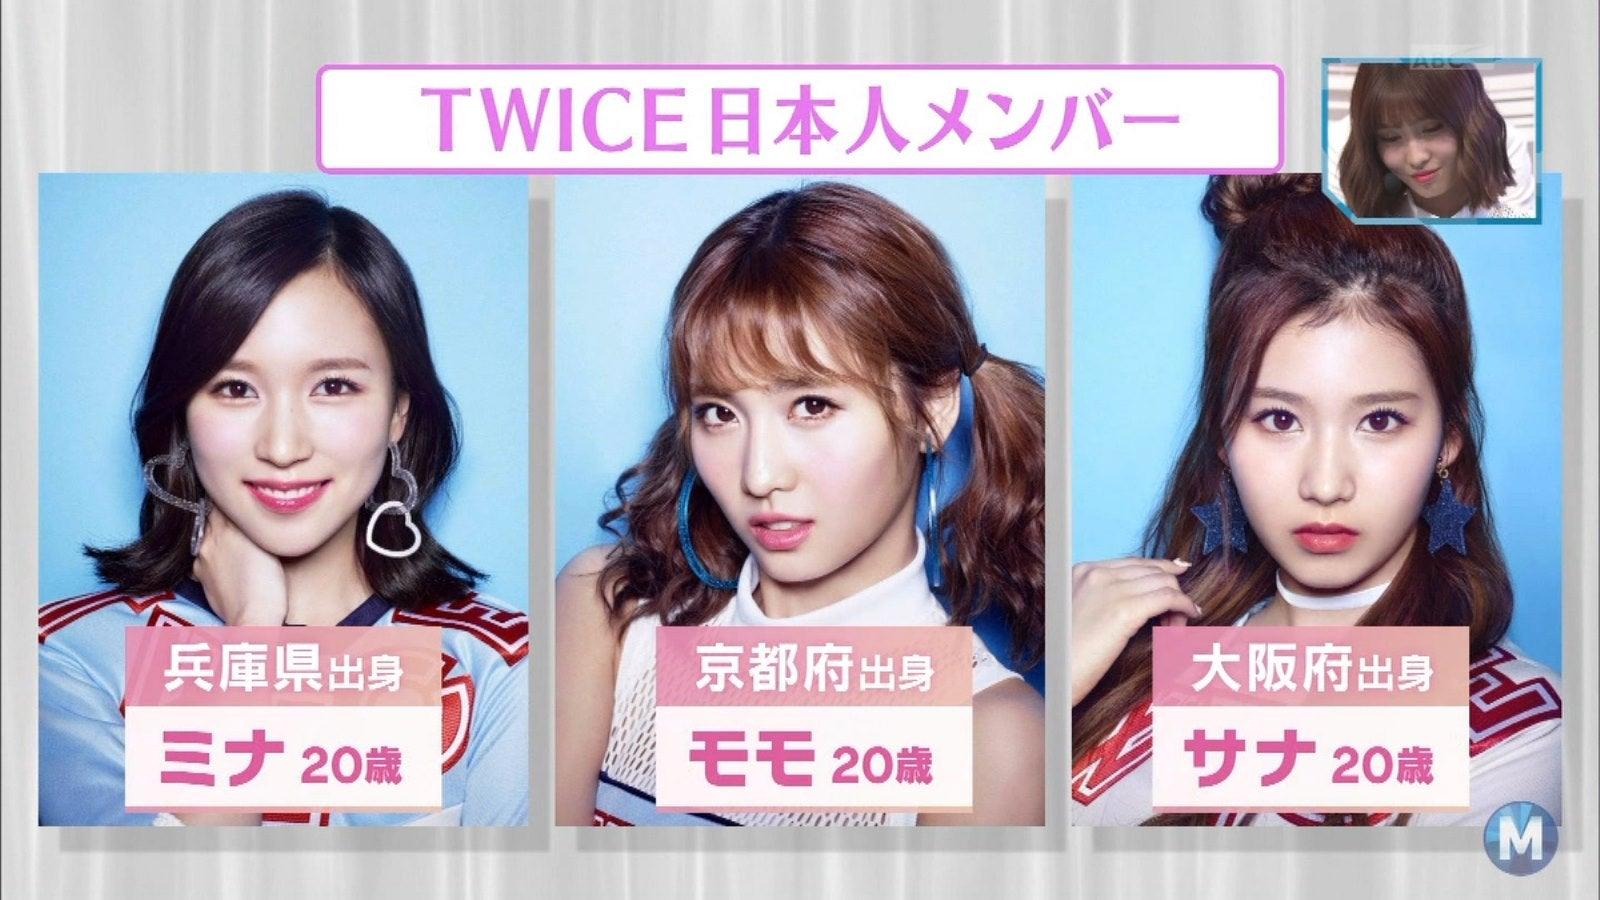 サナは大阪出身、モモは京都出身、ミナは兵庫出身とのことで、3人とも関西出身のようですね。